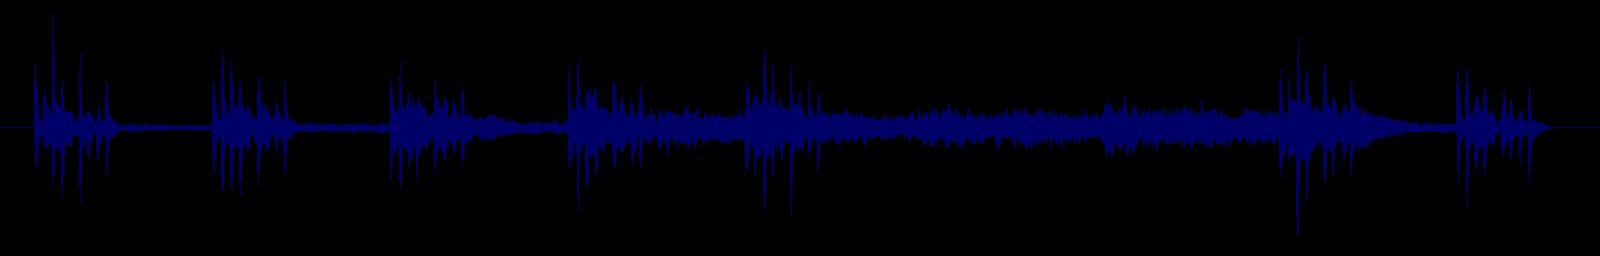 waveform of track #141190